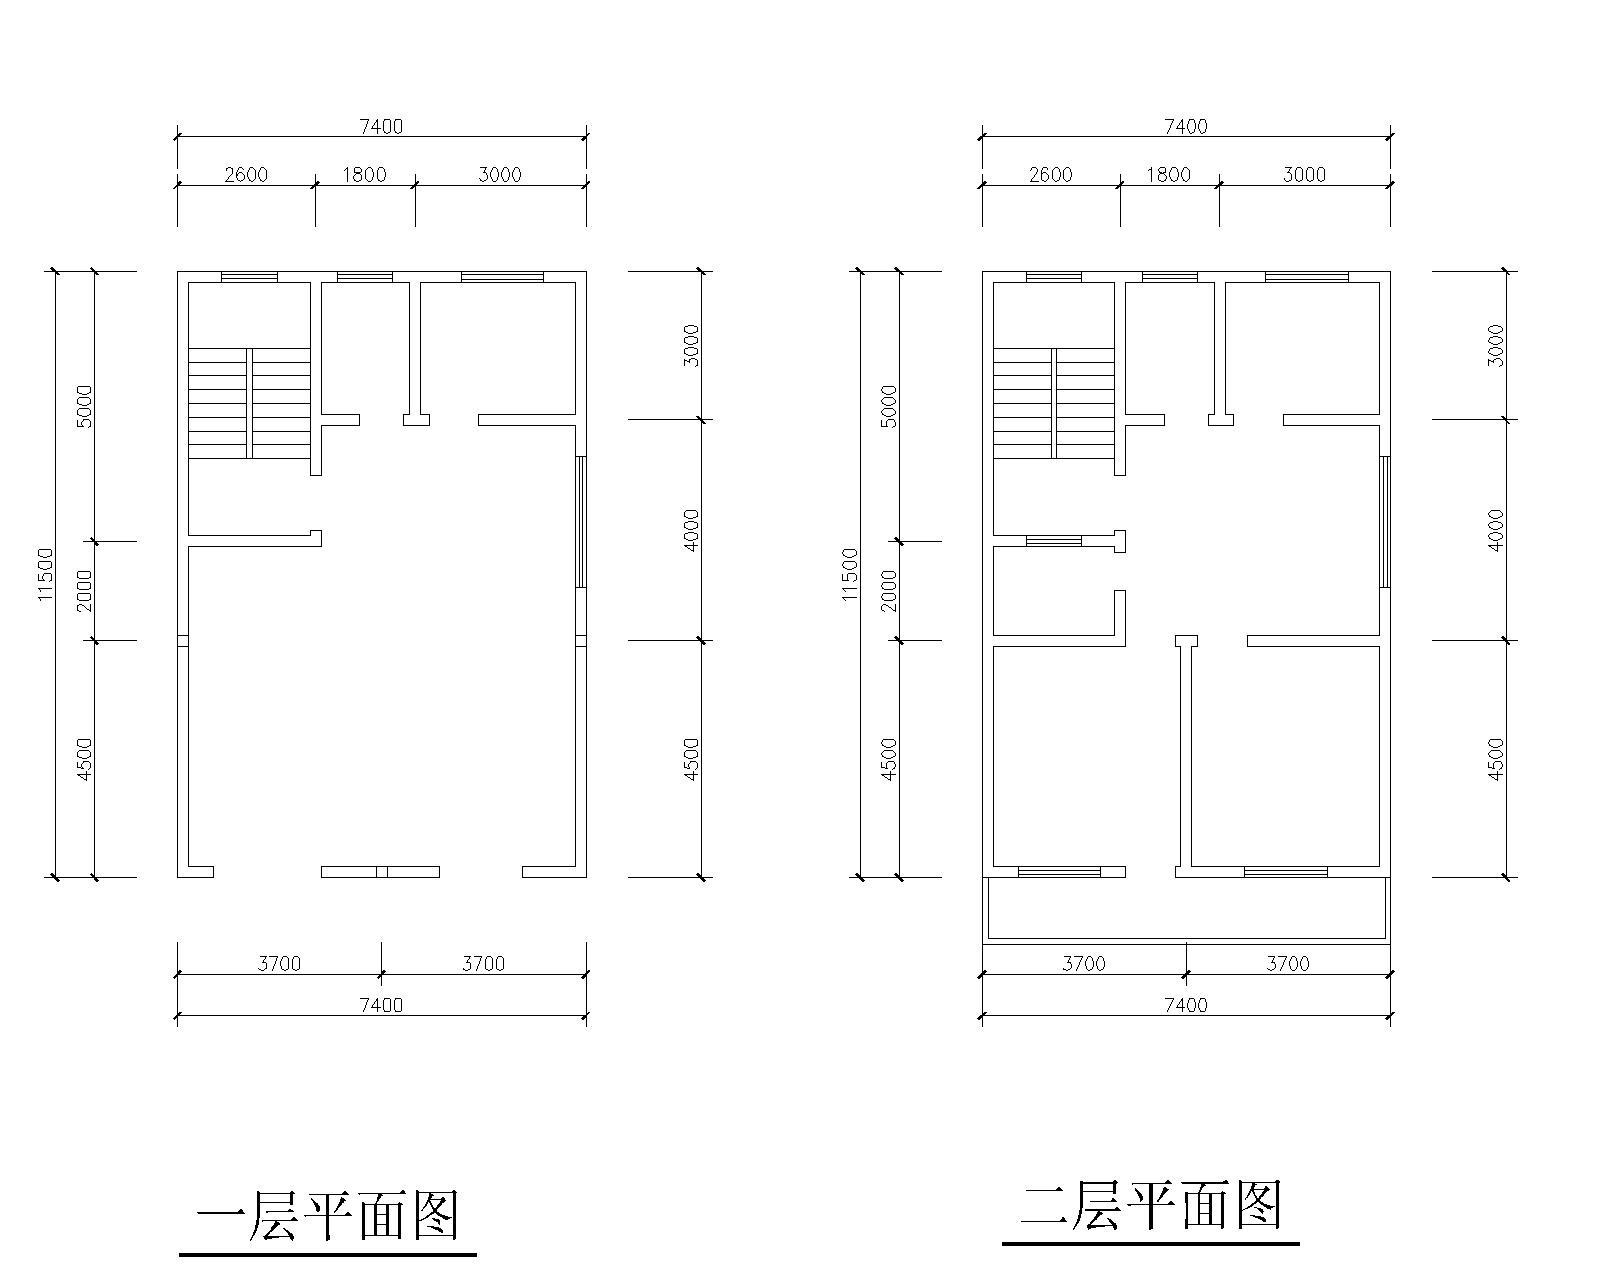 普通民房建筑设计图6.6米乘16米图片